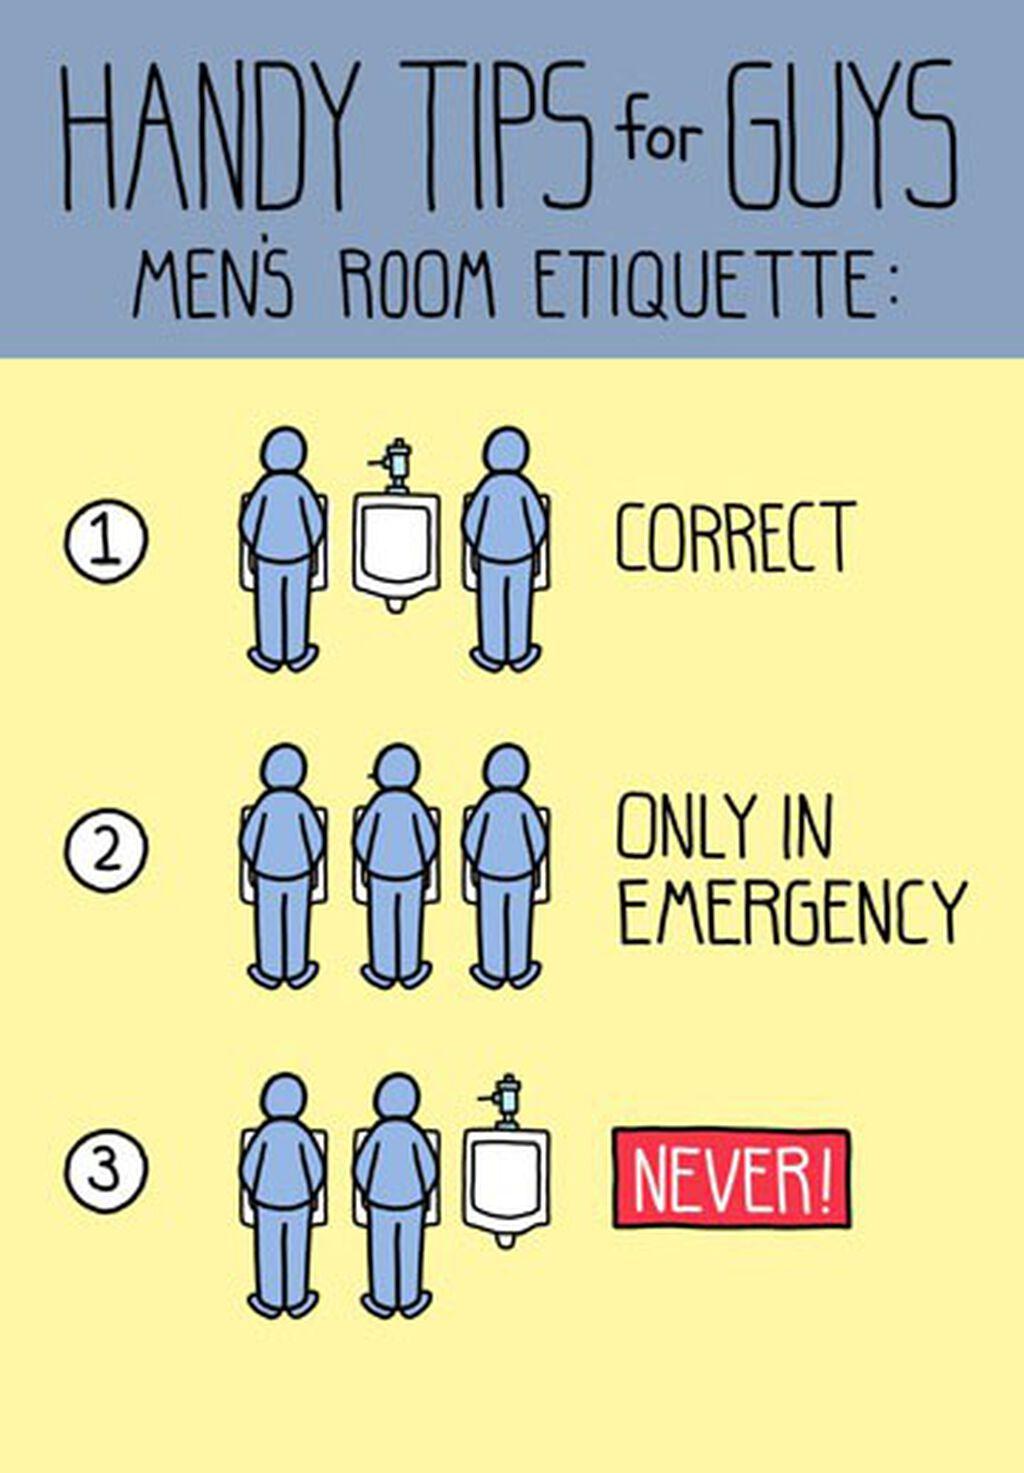 Manly Bathroom Etiquette Funny Birthday Card